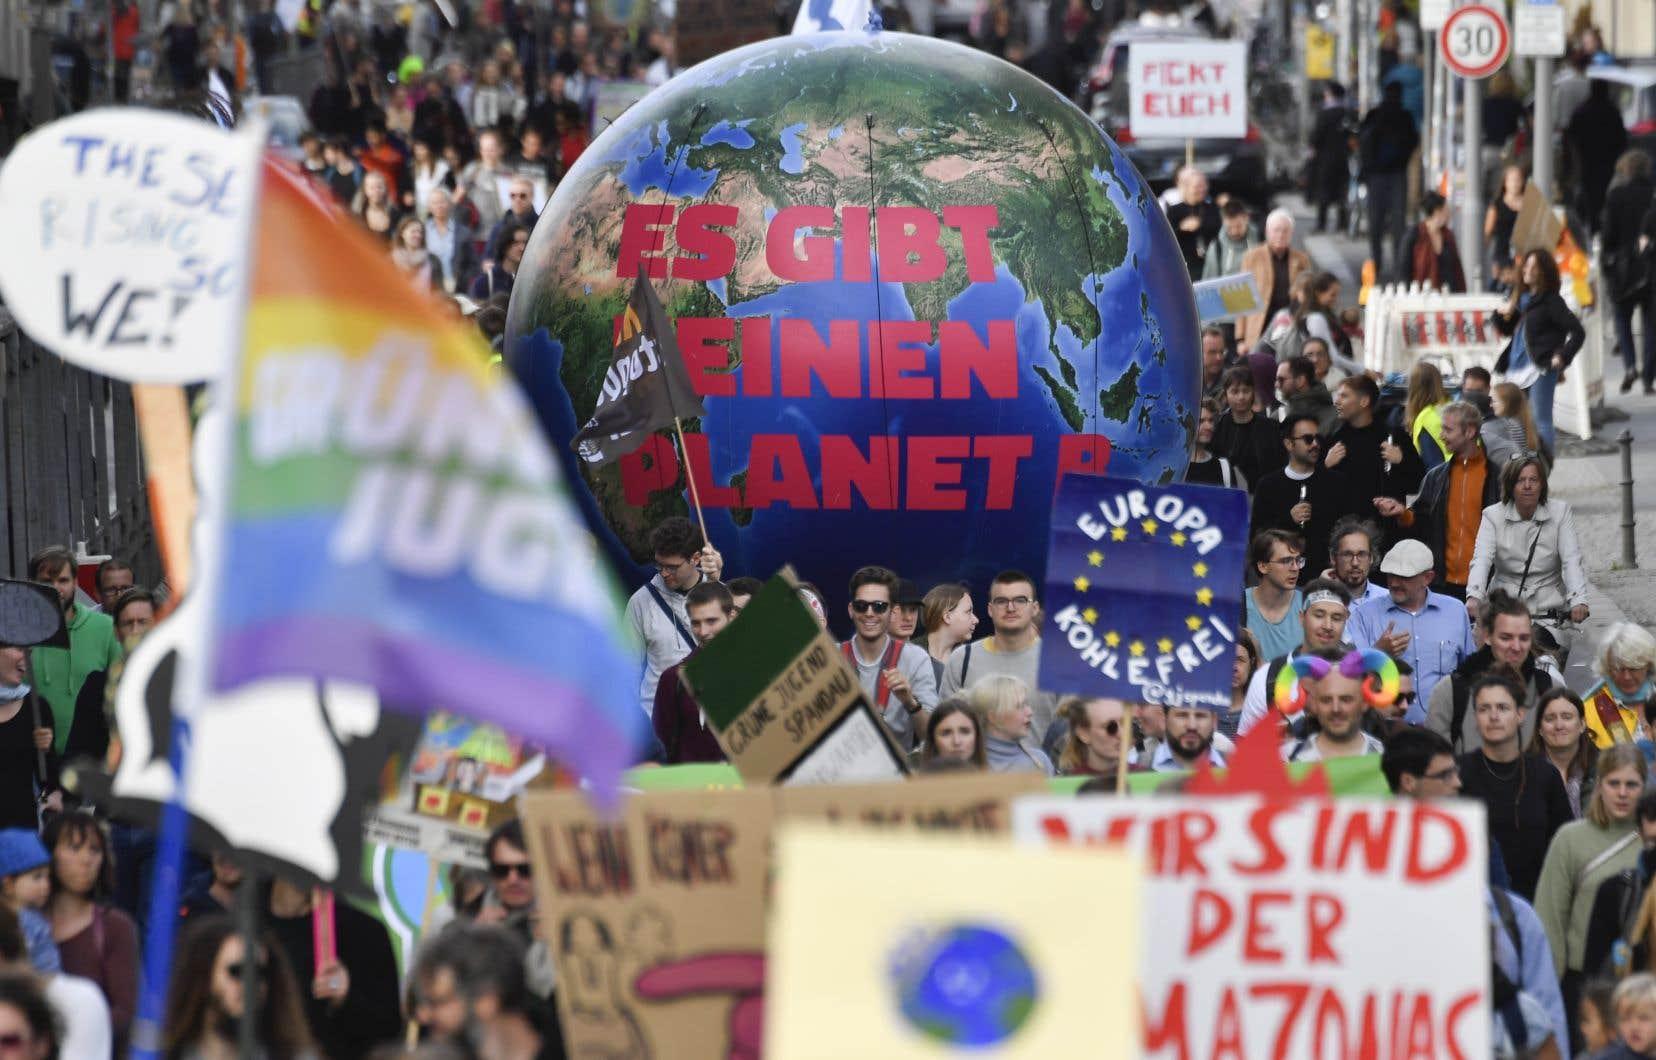 Plus d'un million de manifestants sont descendus dans la rues pour la défense du climat vendredi dans l'ensemble du pays, selon les organisateurs.